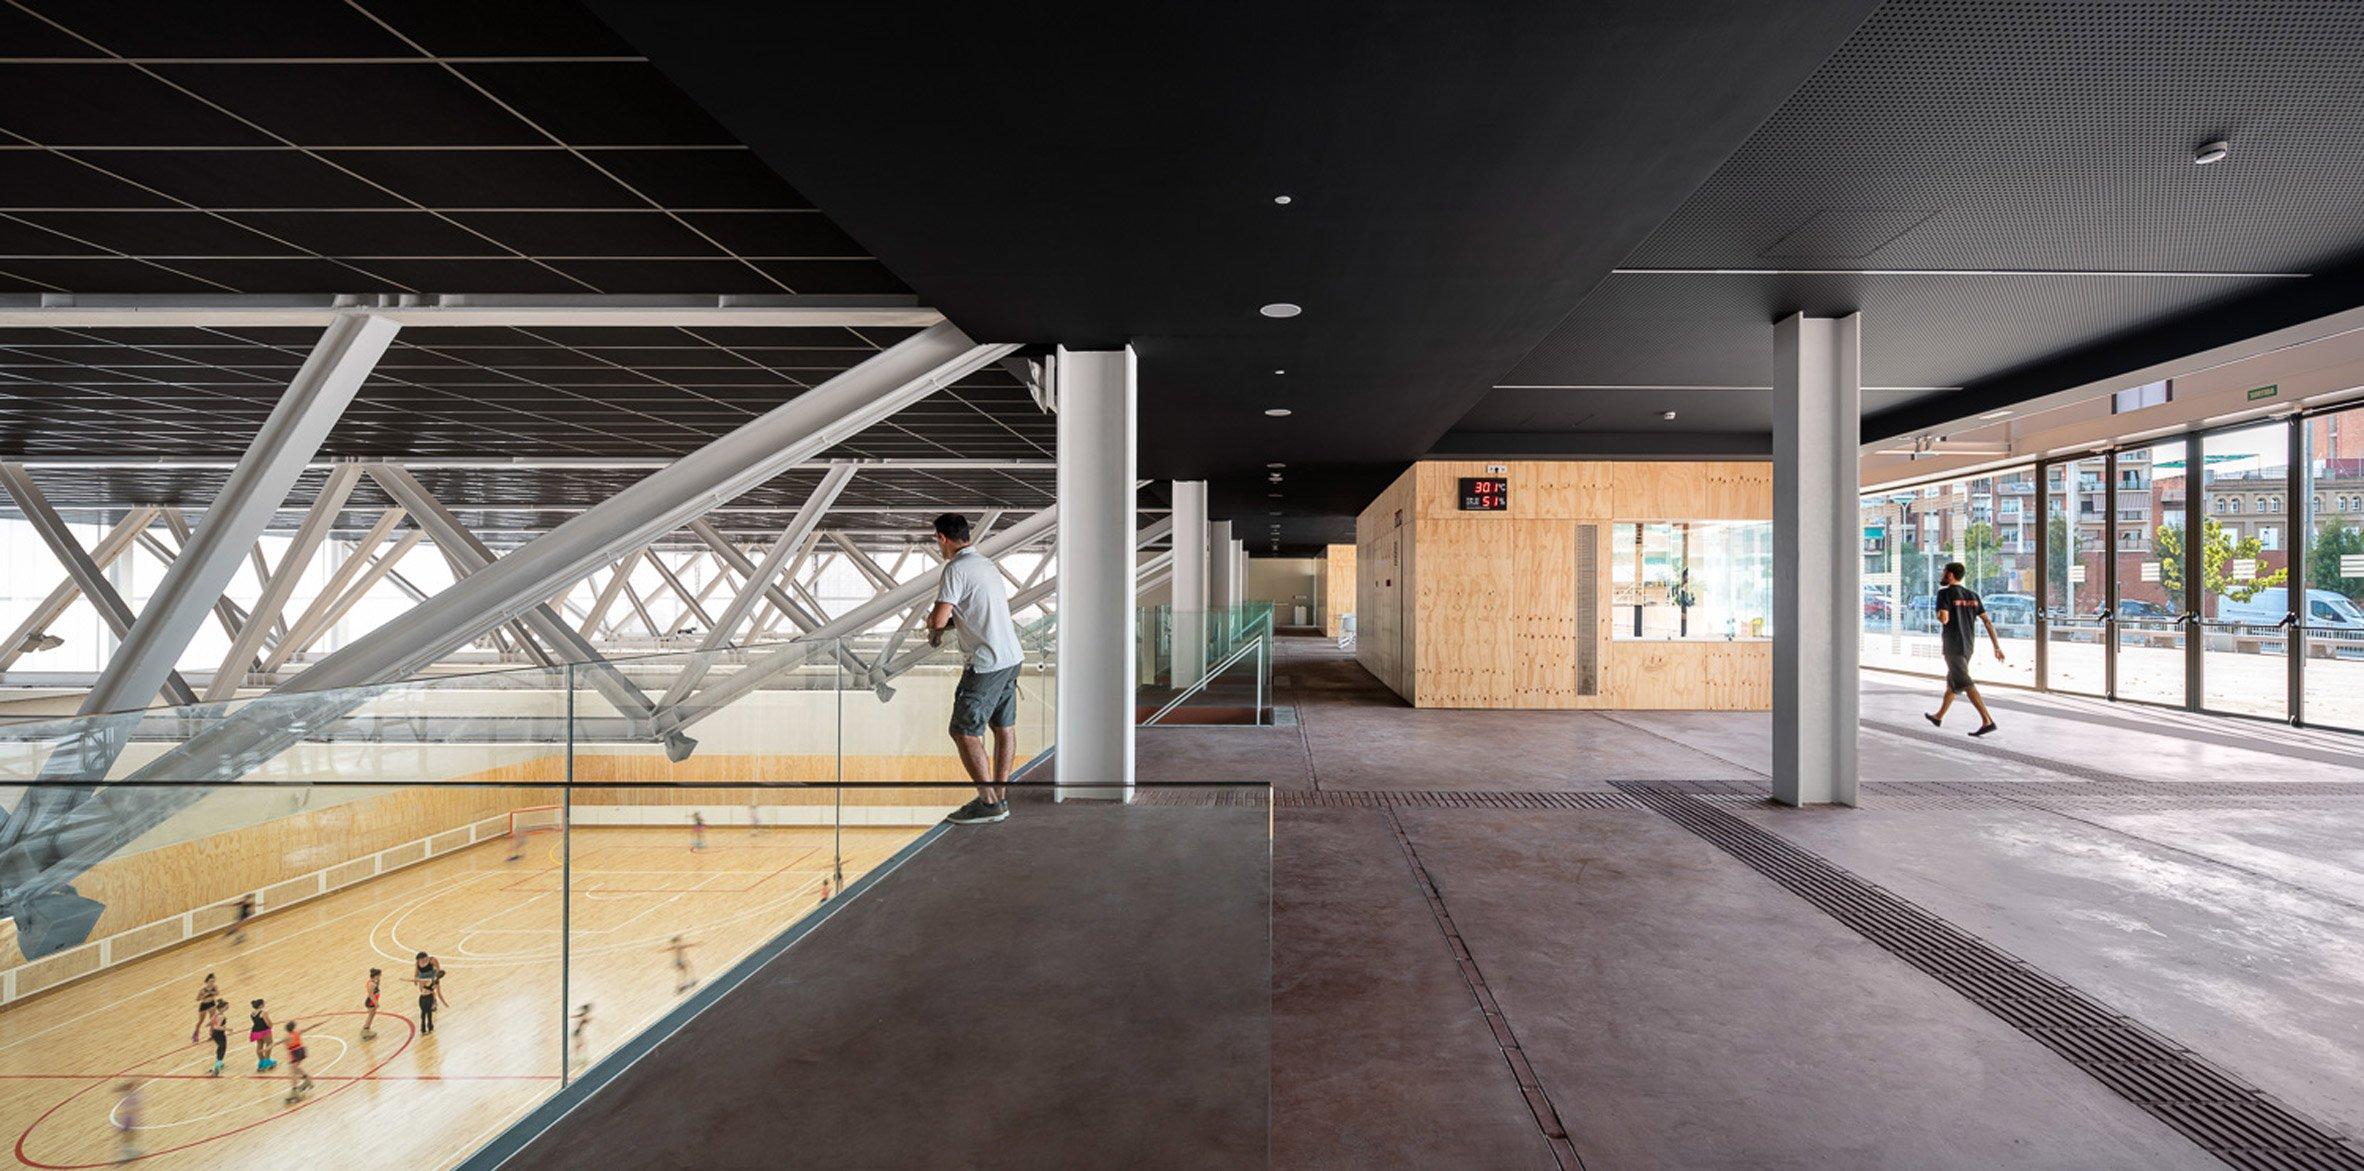 Foyer of Camp del Ferro sports centre in Barcelona